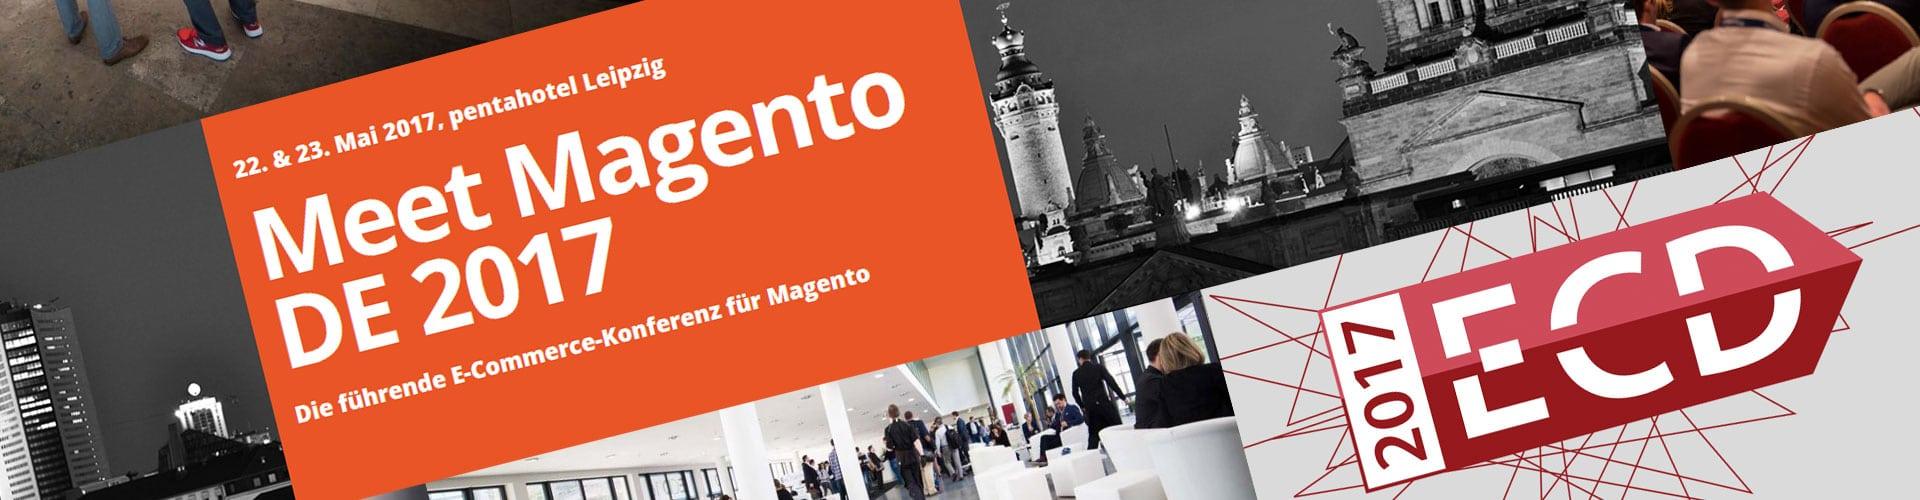 ECD 2017 Meet Magento 2017